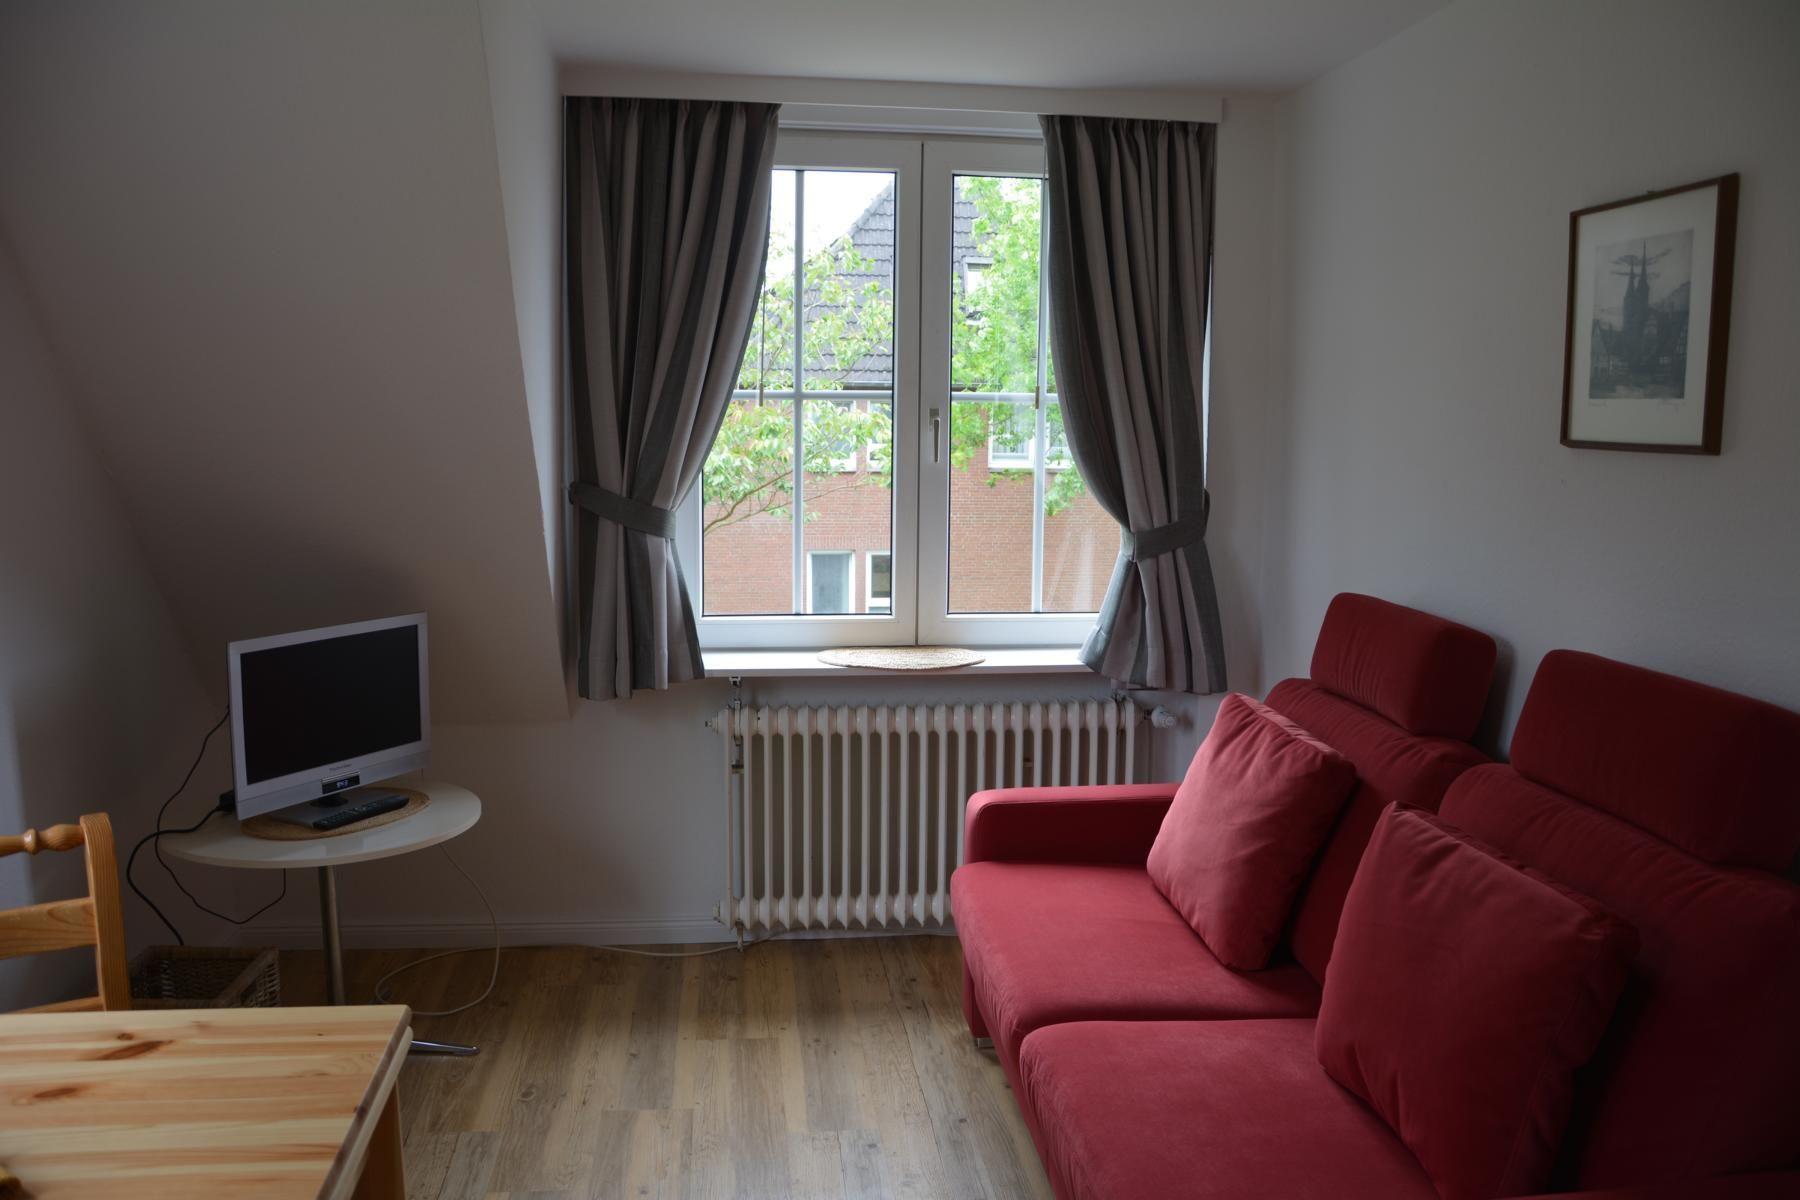 Zusatzbild Nr. 03 von Haus Pax - Appartement 8